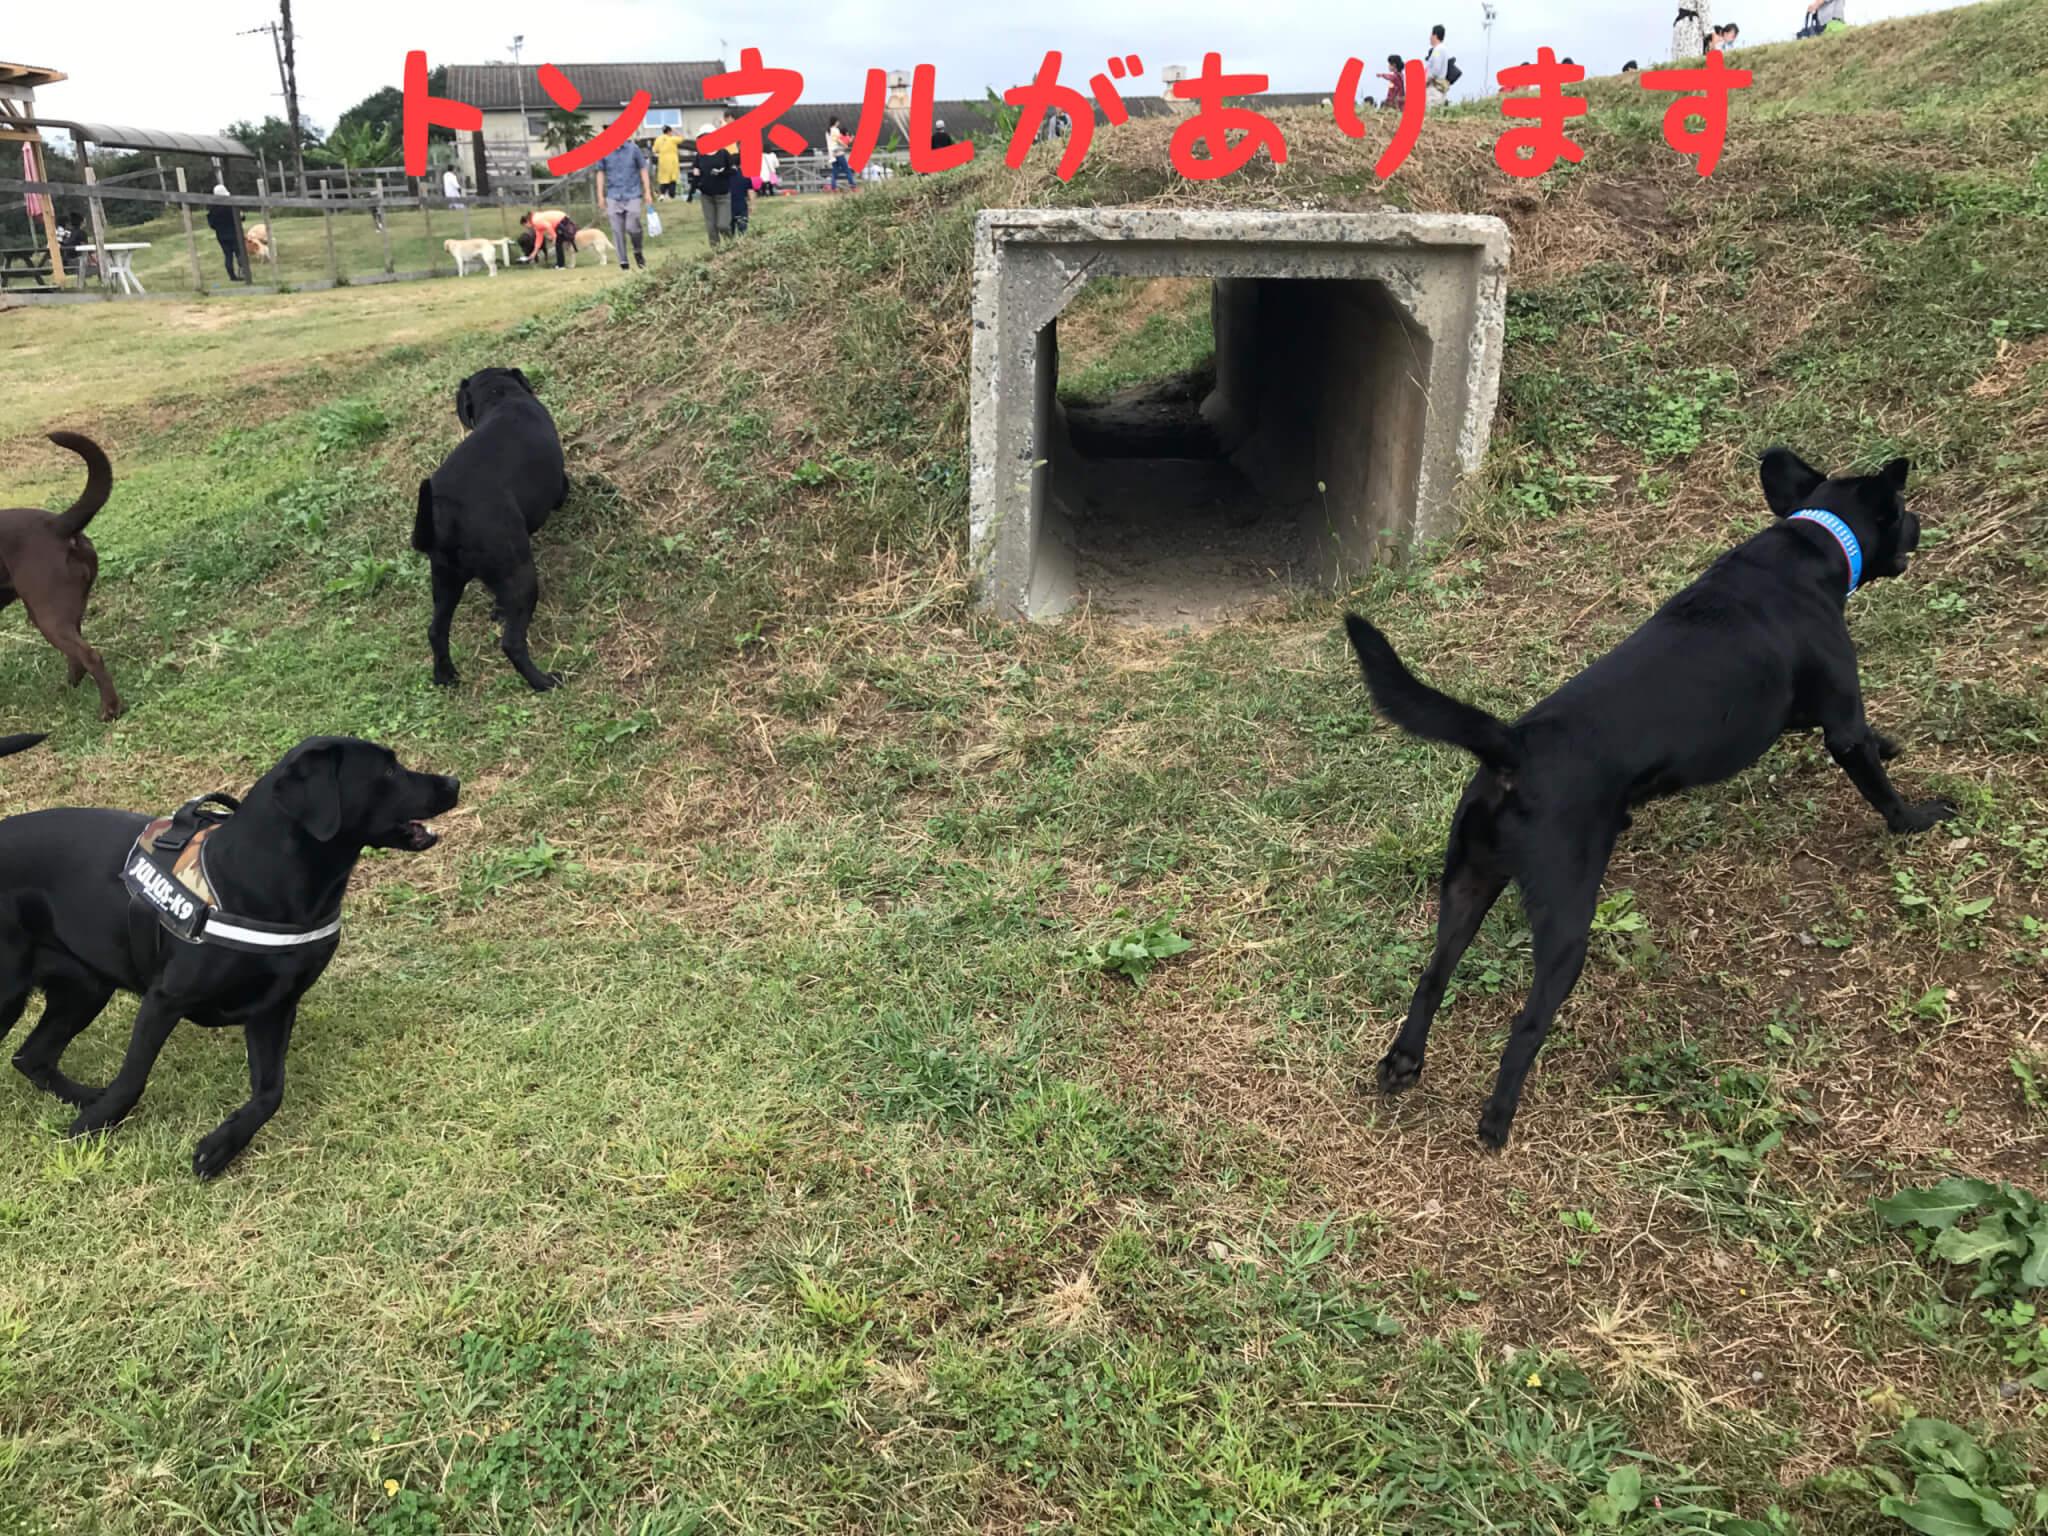 加西ドッグガーデン ドッグラン ラブラドールレトリバー トンネルがあります